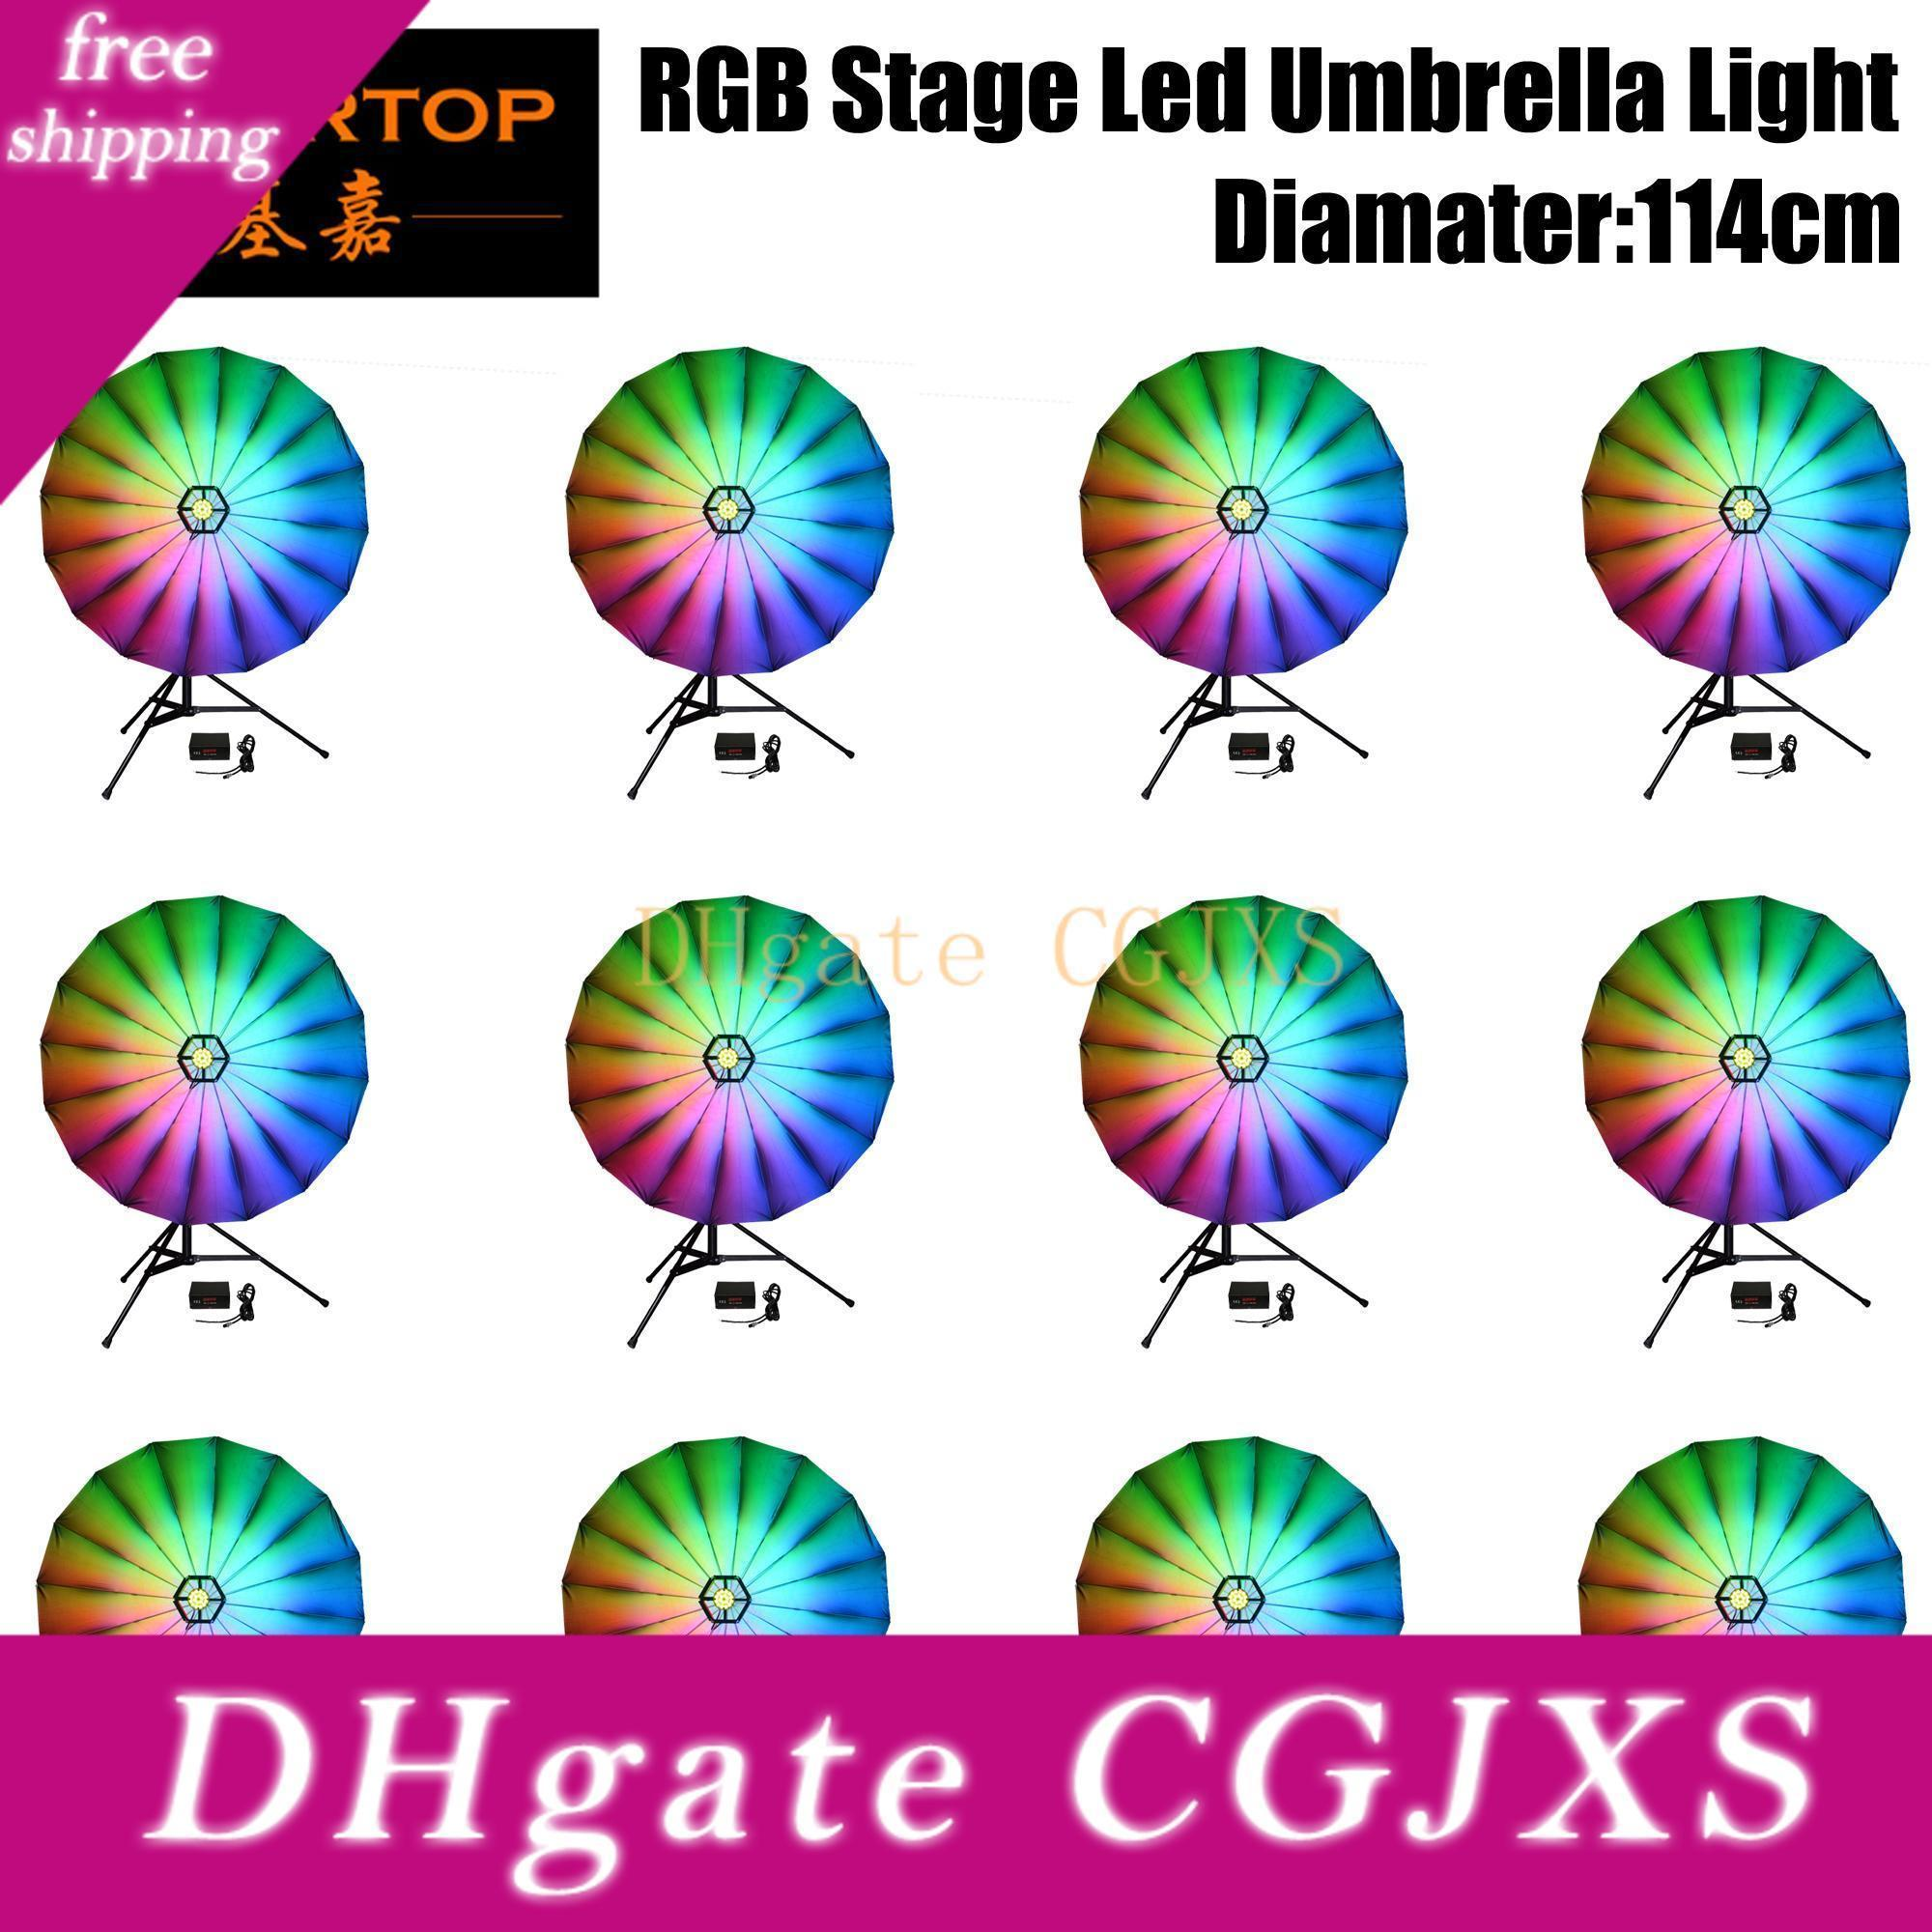 25inch trasporto veloce Diametro di copertura della fase del LED Umbrella luce DMX512 LED Stage Light Consigliato per Parti della discoteca del DJ Wedding Decoration